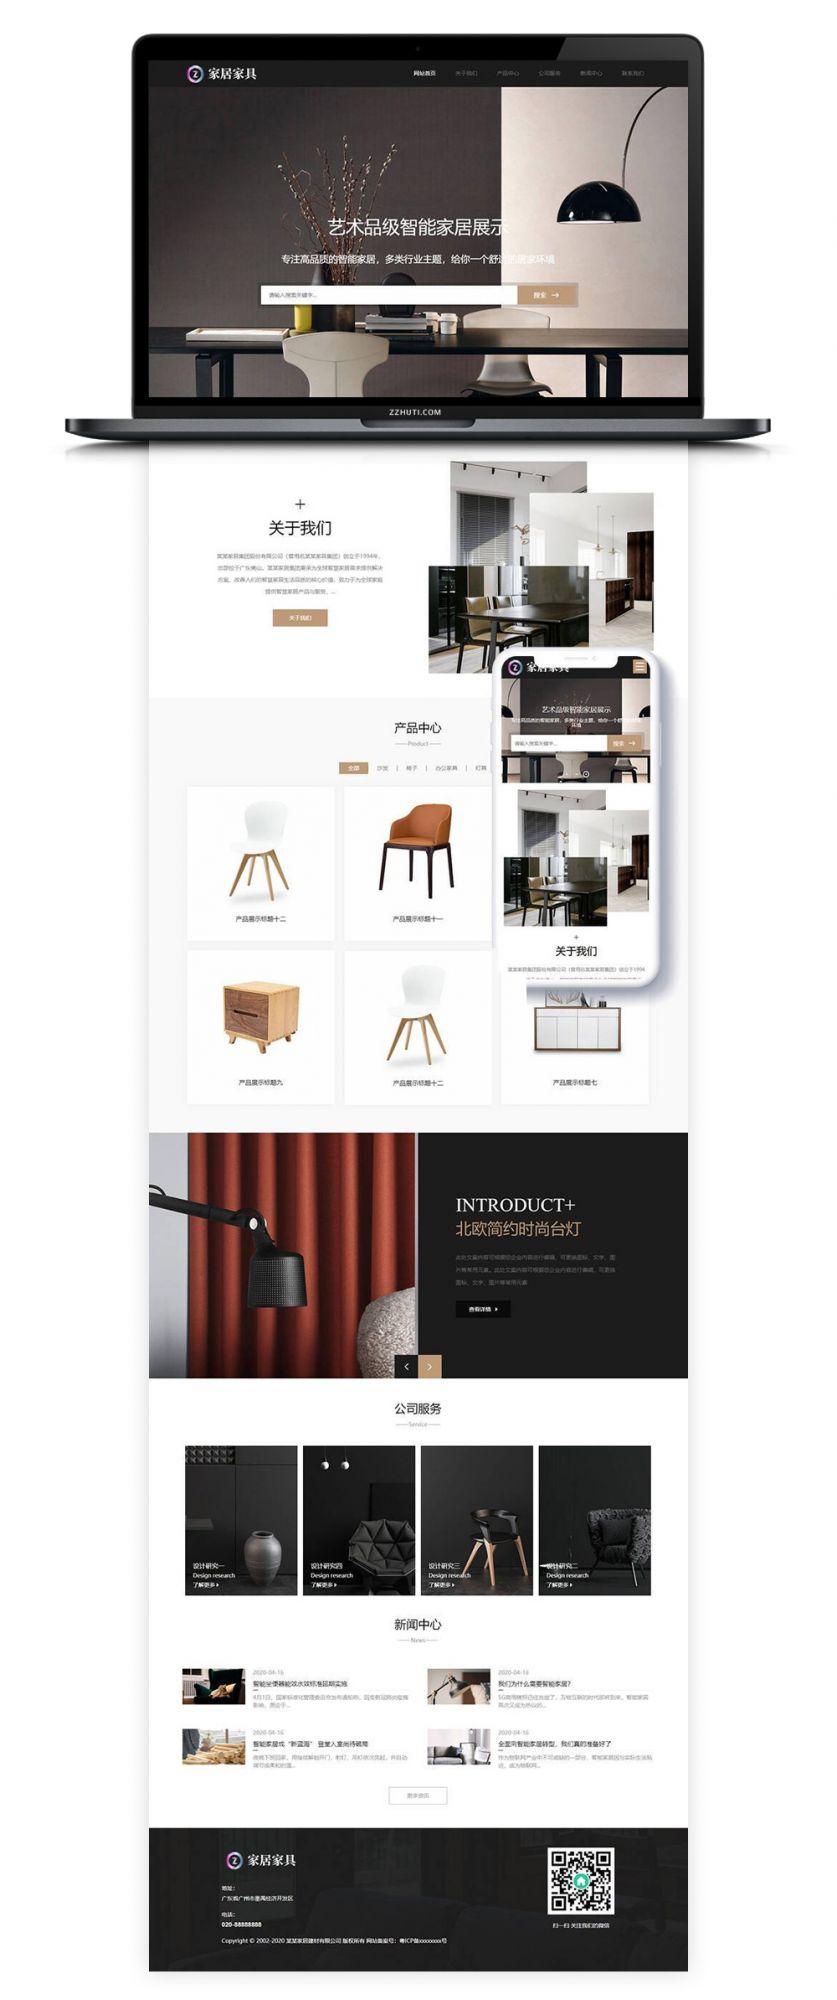 织梦cms模板_HTML5家居建材家具办公家装企业类DEDECMS网站模板自适应手机端